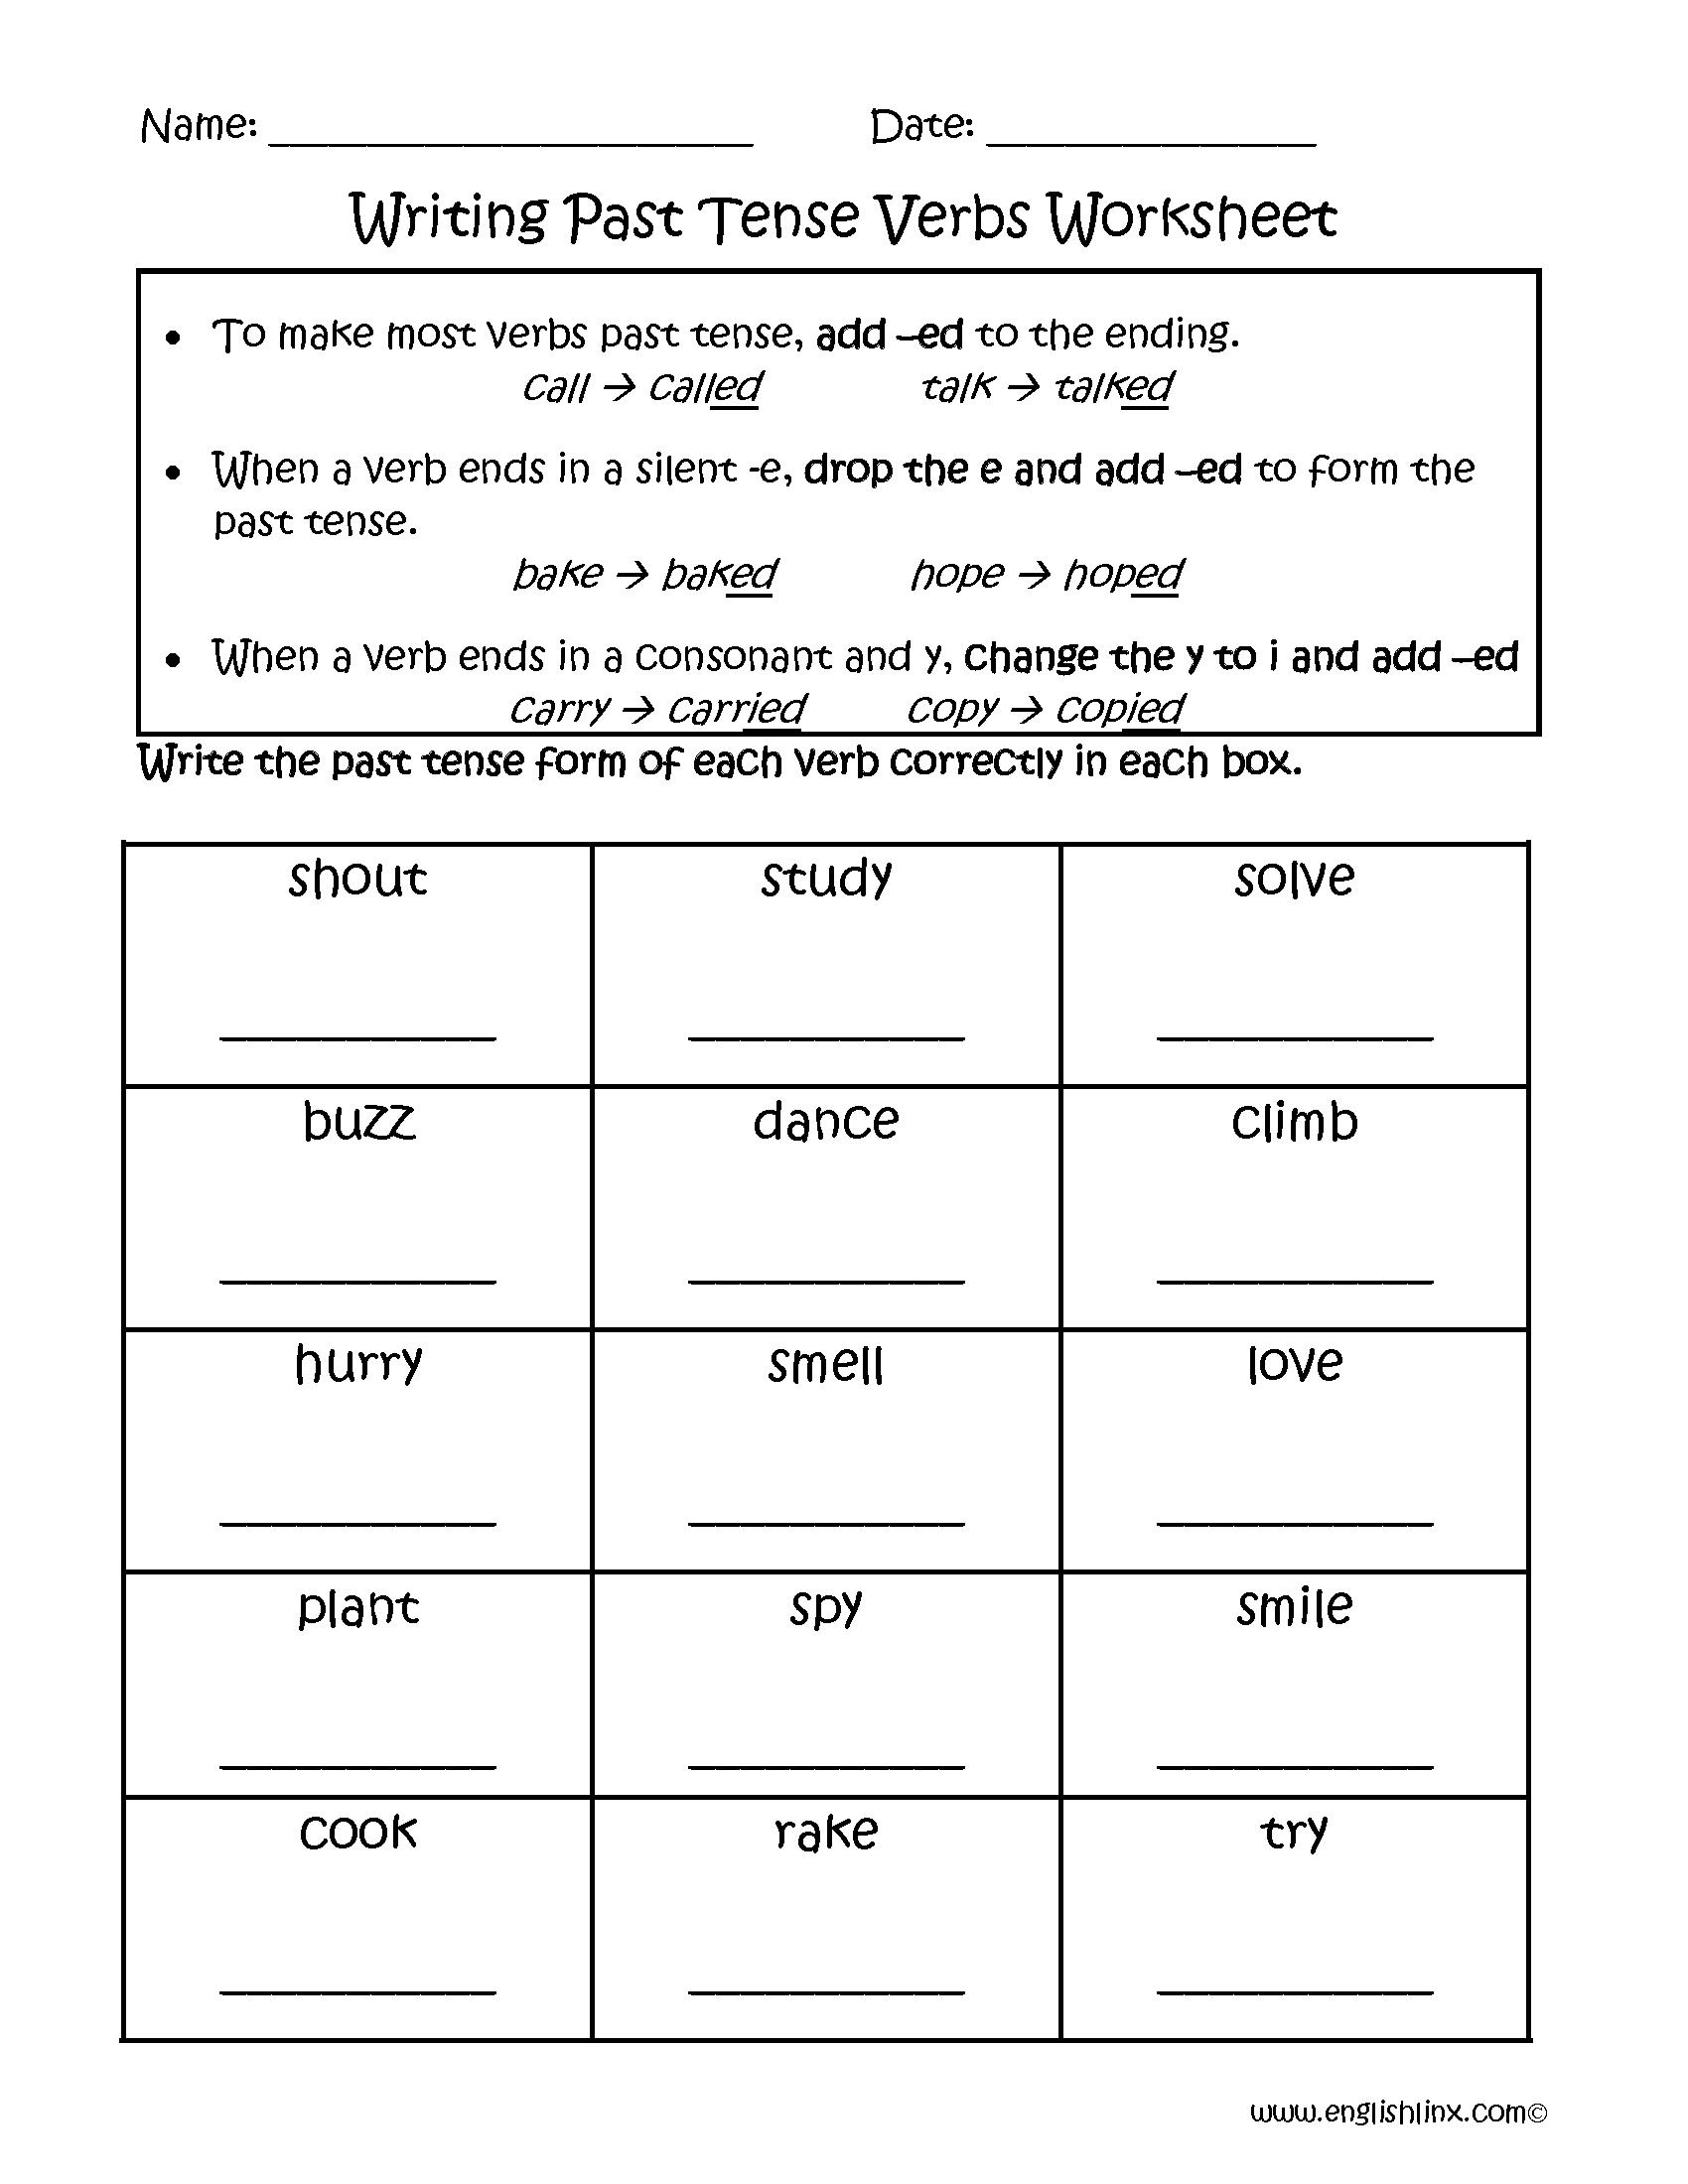 Writing Past Tense Verbs Worksheets   Verb worksheets [ 2200 x 1700 Pixel ]